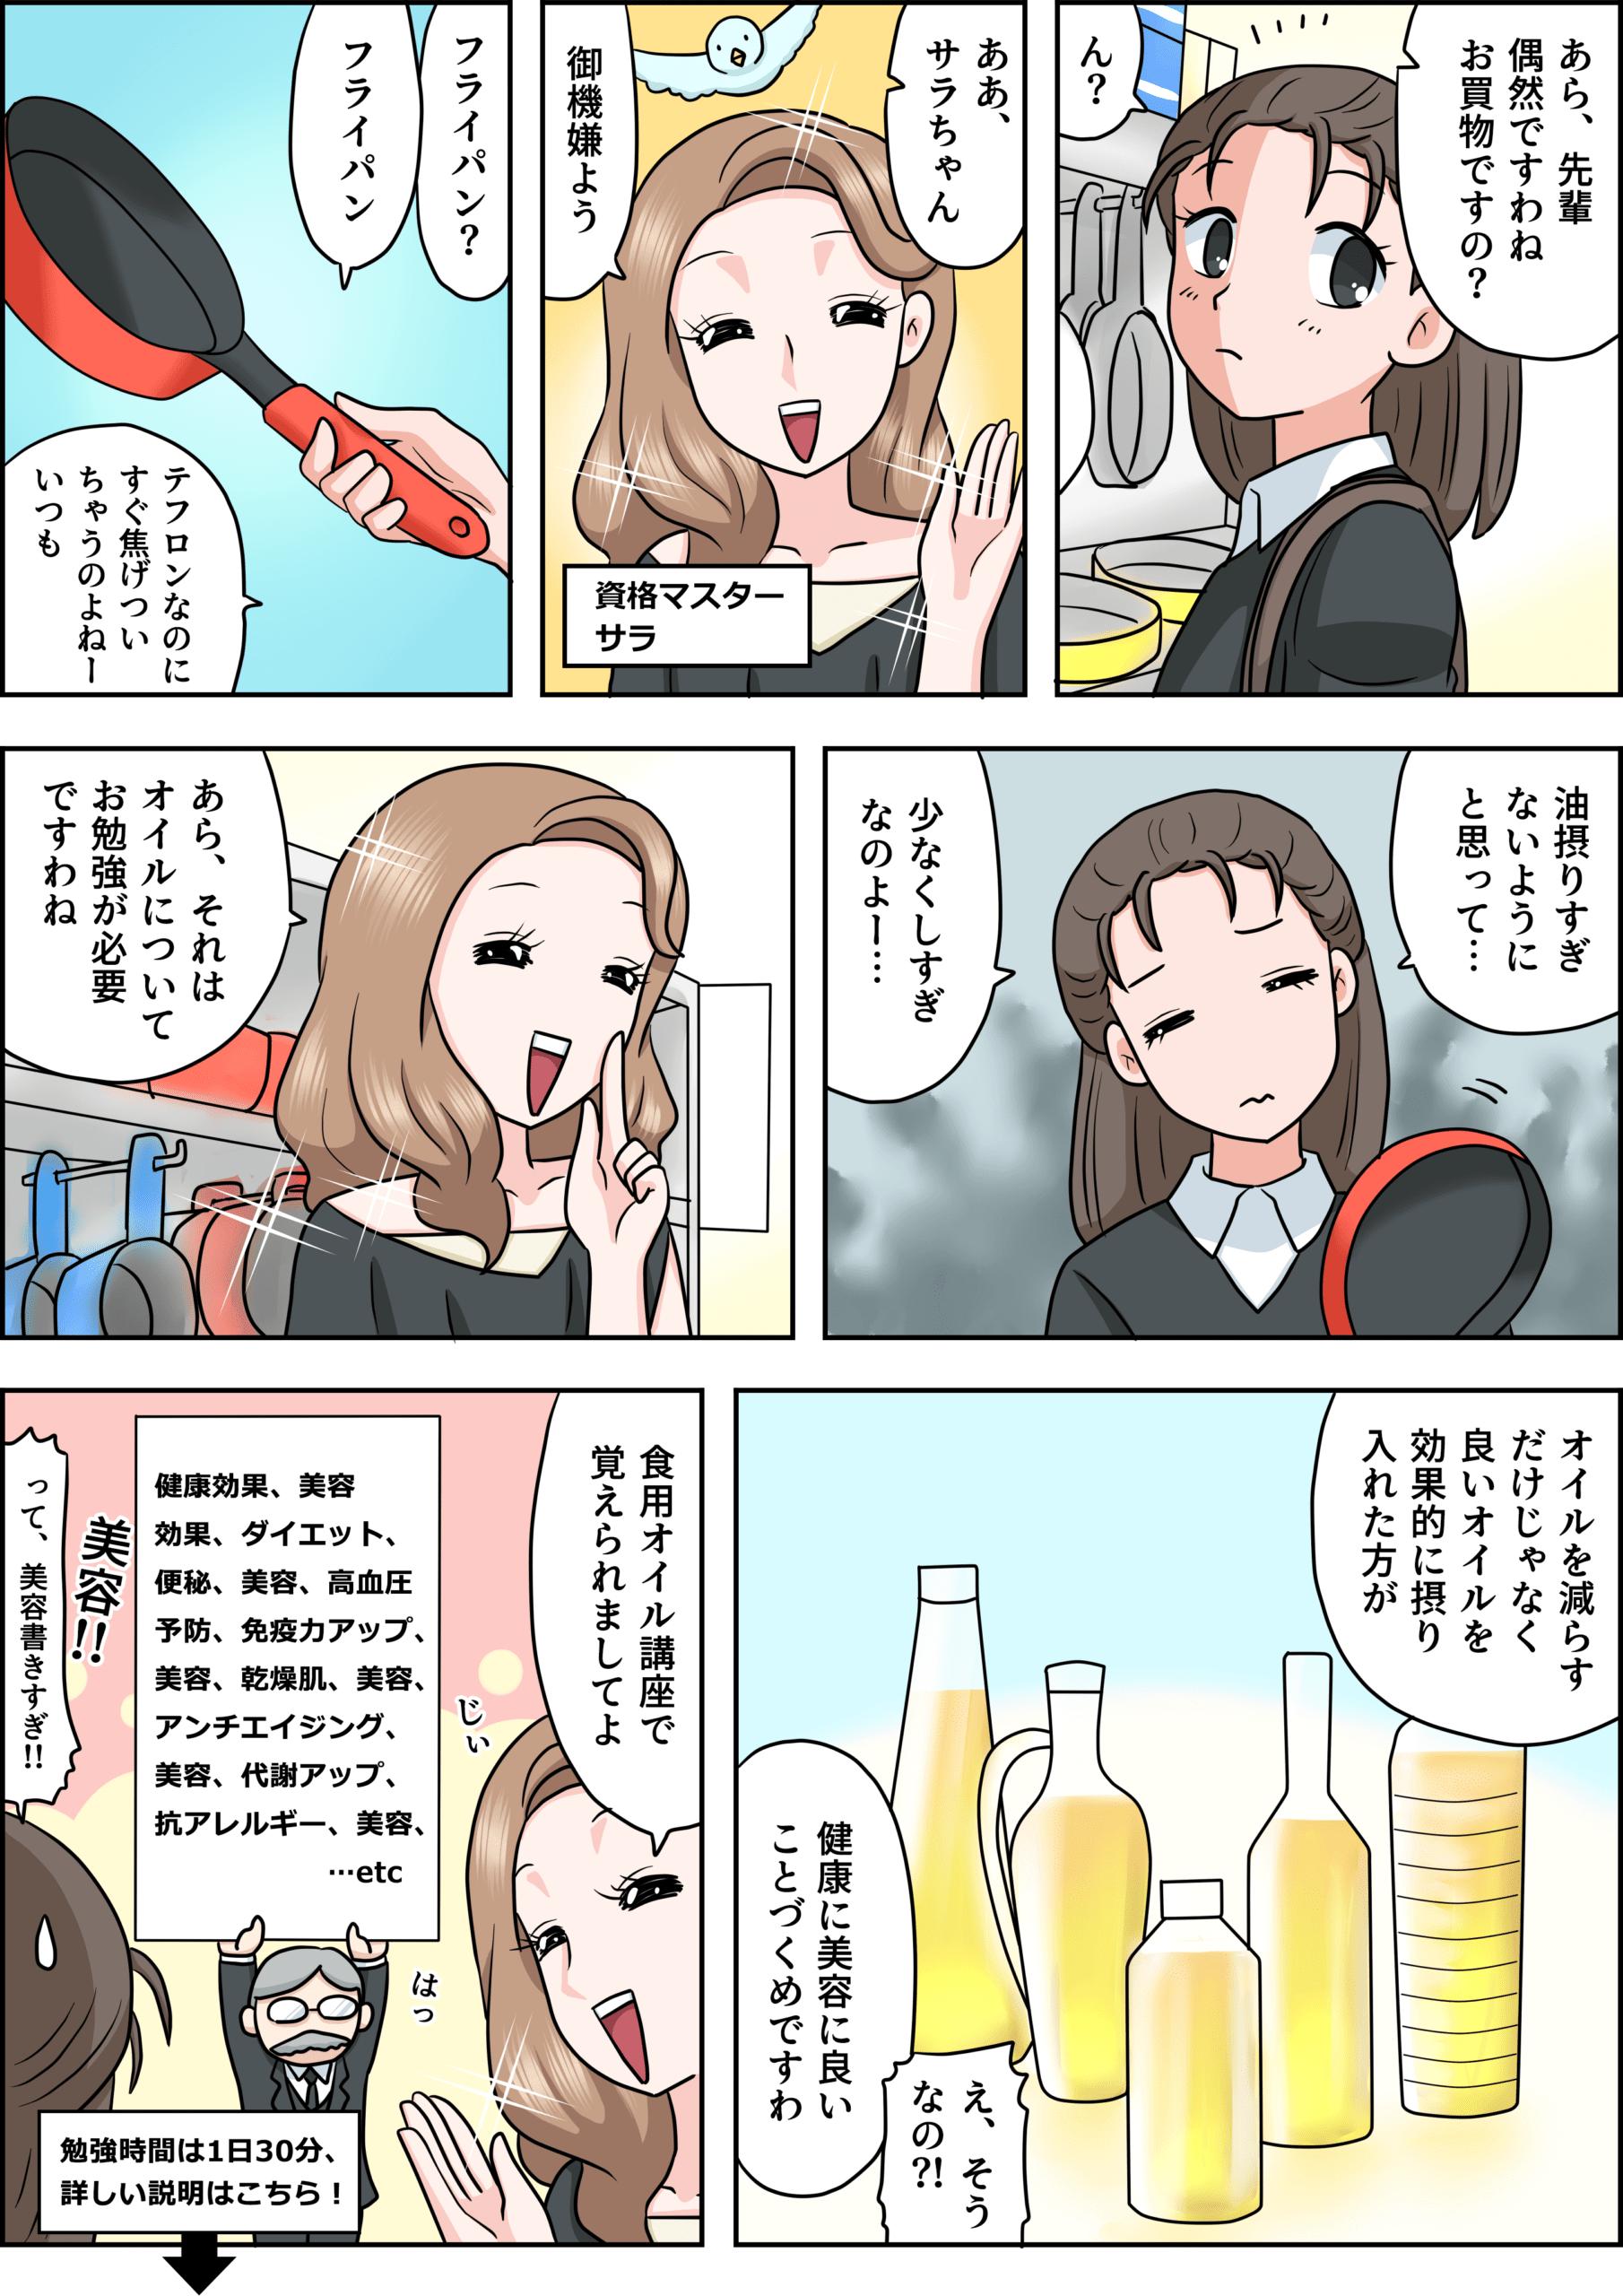 食用オイルの漫画